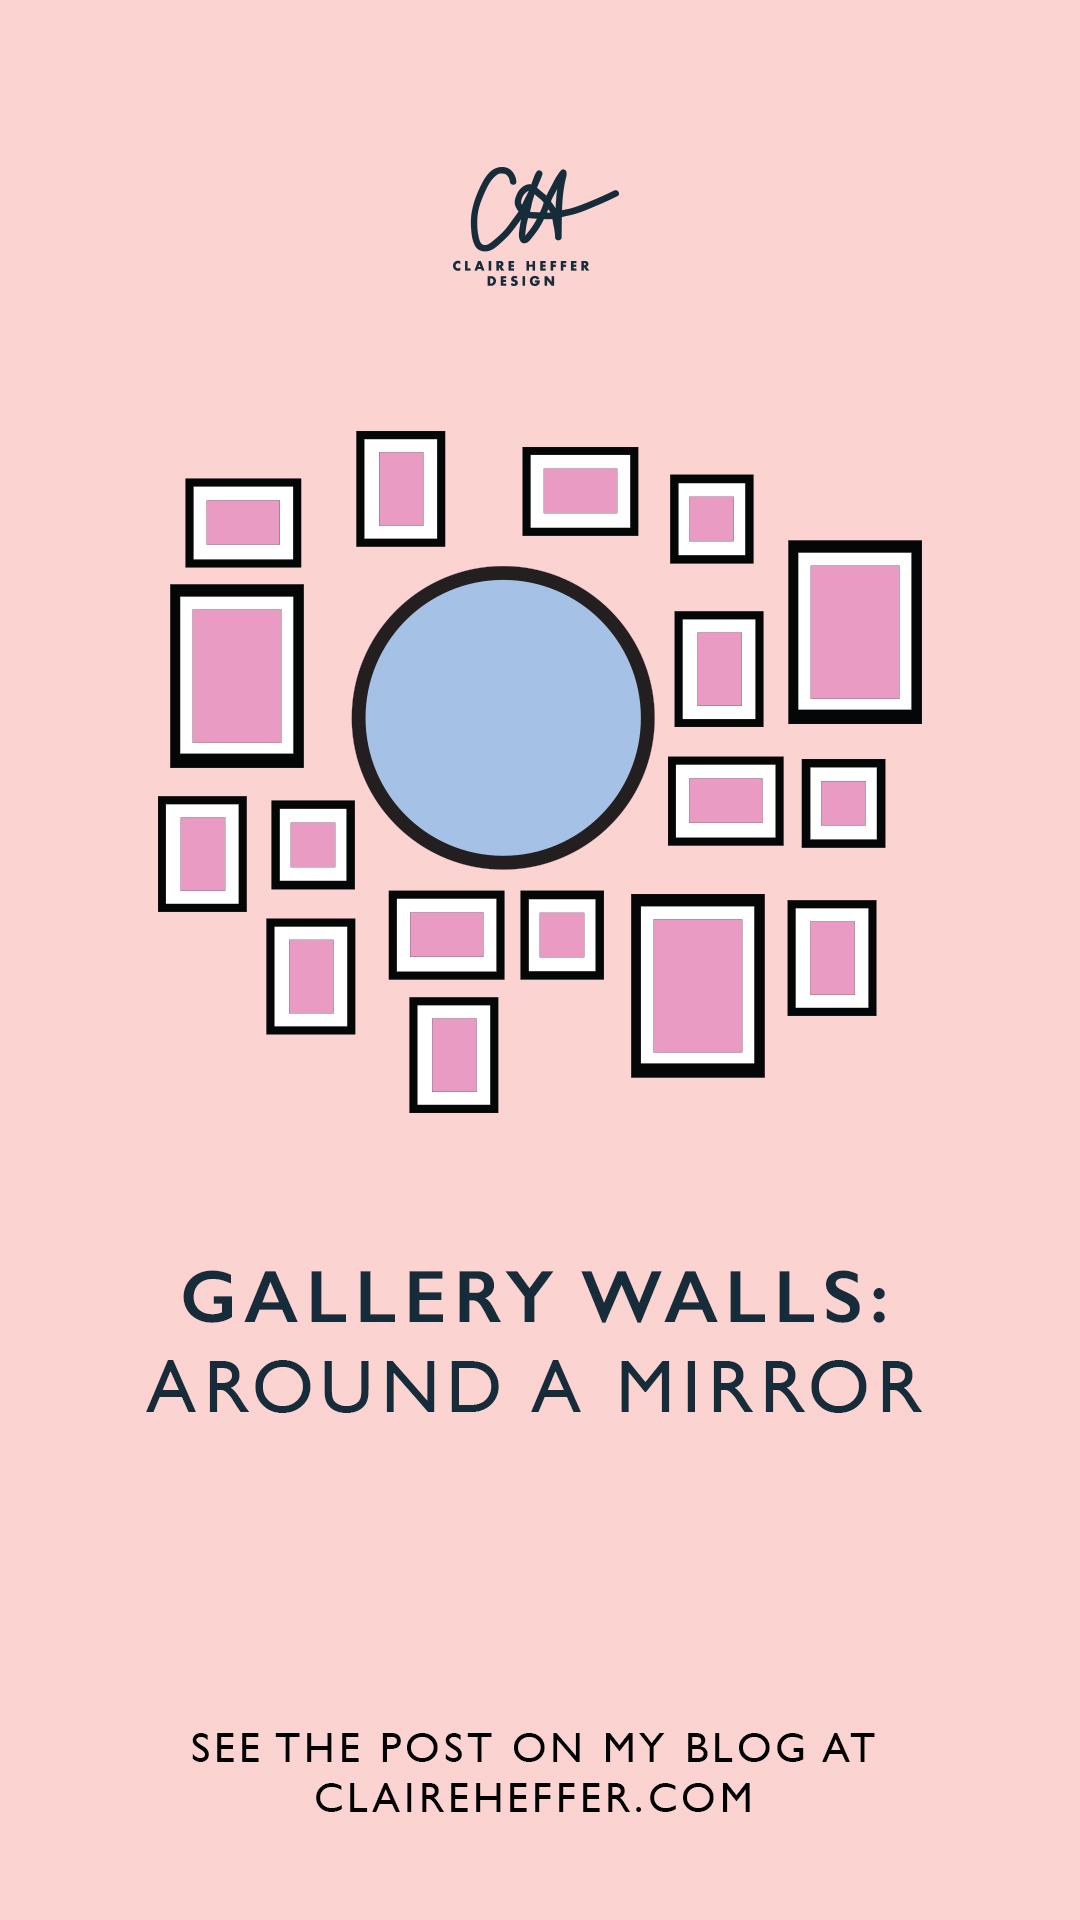 GALLERY WALLS AROUND A MIRROR.jpg